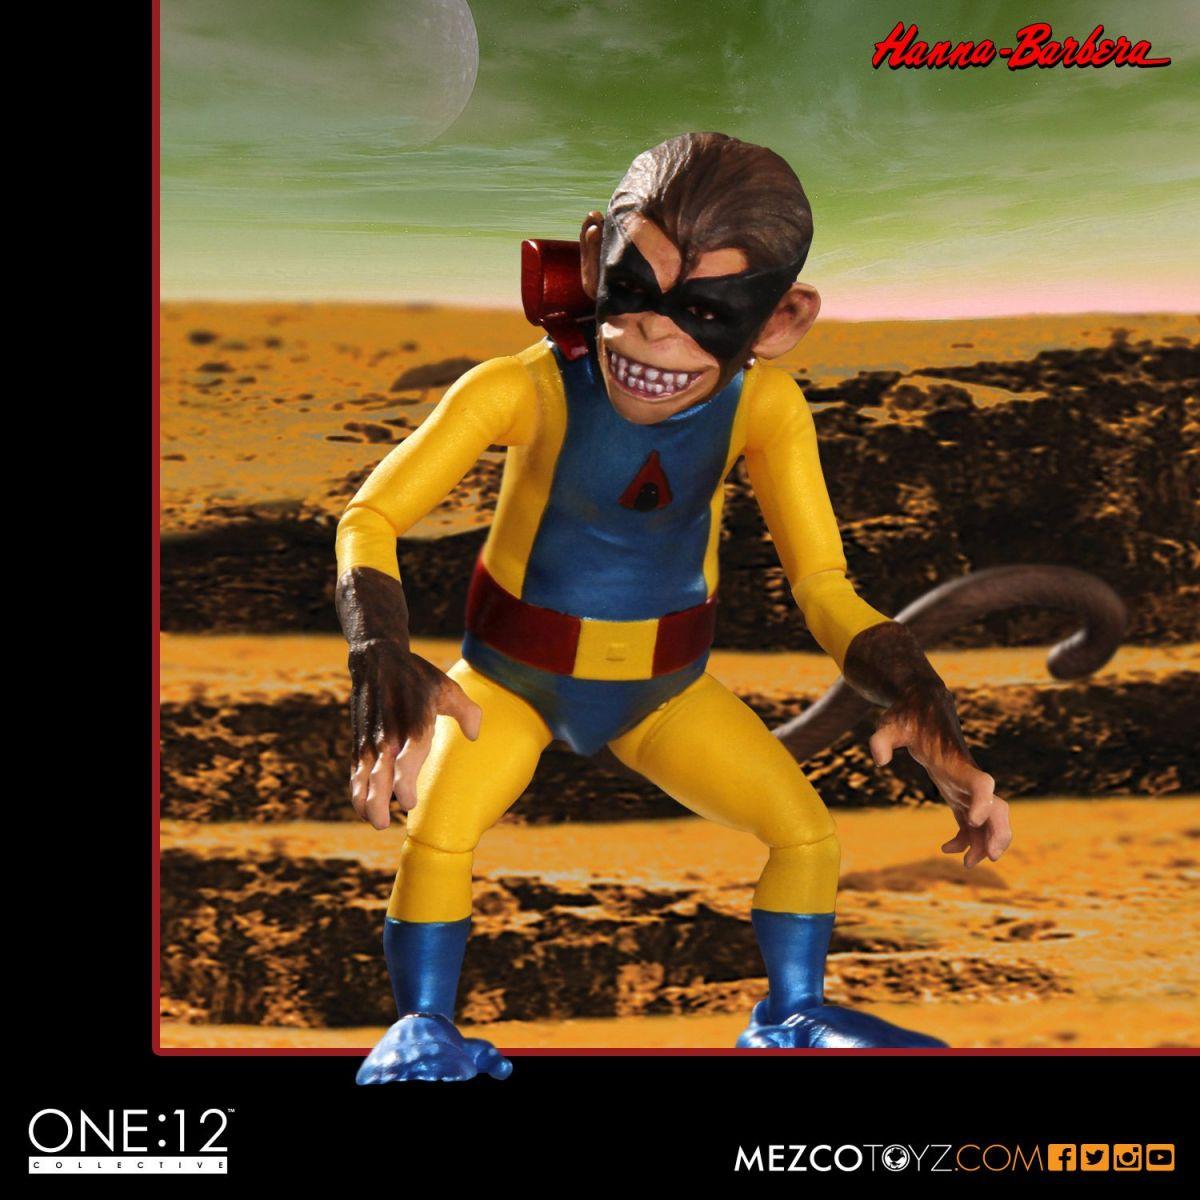 Boneco Space Ghost: The One:12 Collective Escala 1/12 - Mezco